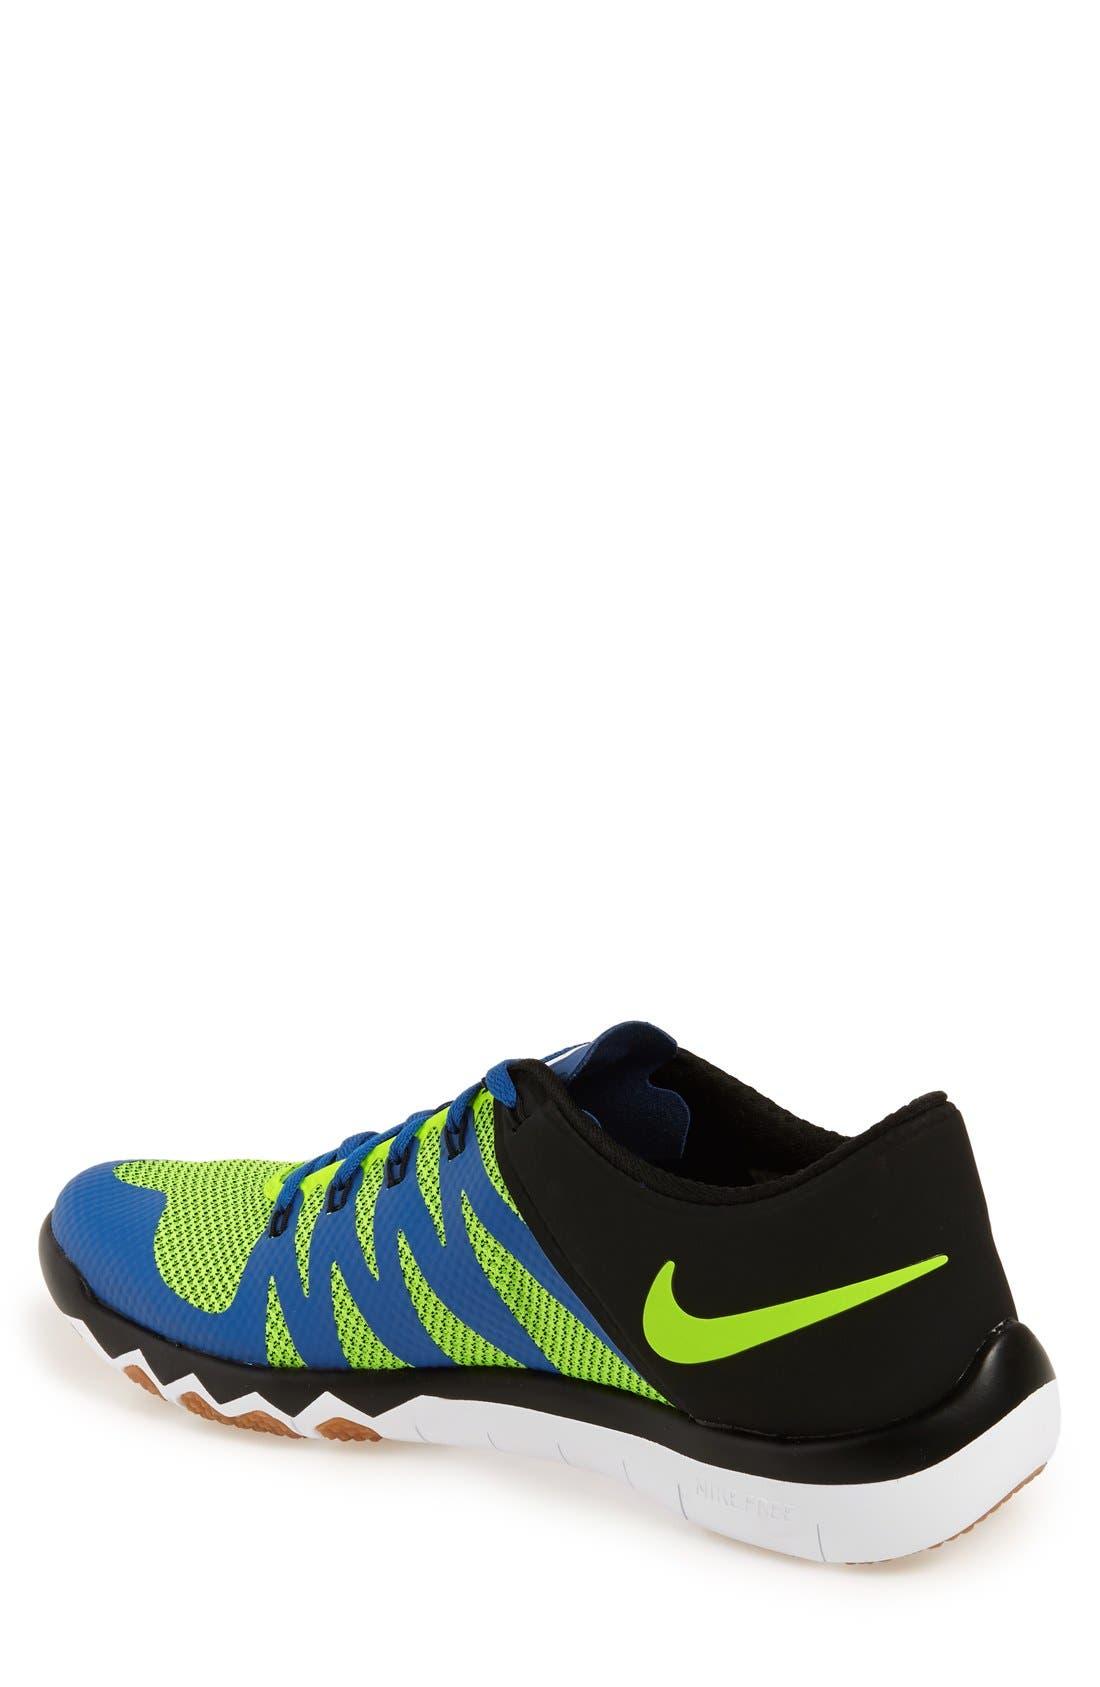 Nike Free Trainer 5.0 V6 - Avis Des Hommes De Culottes